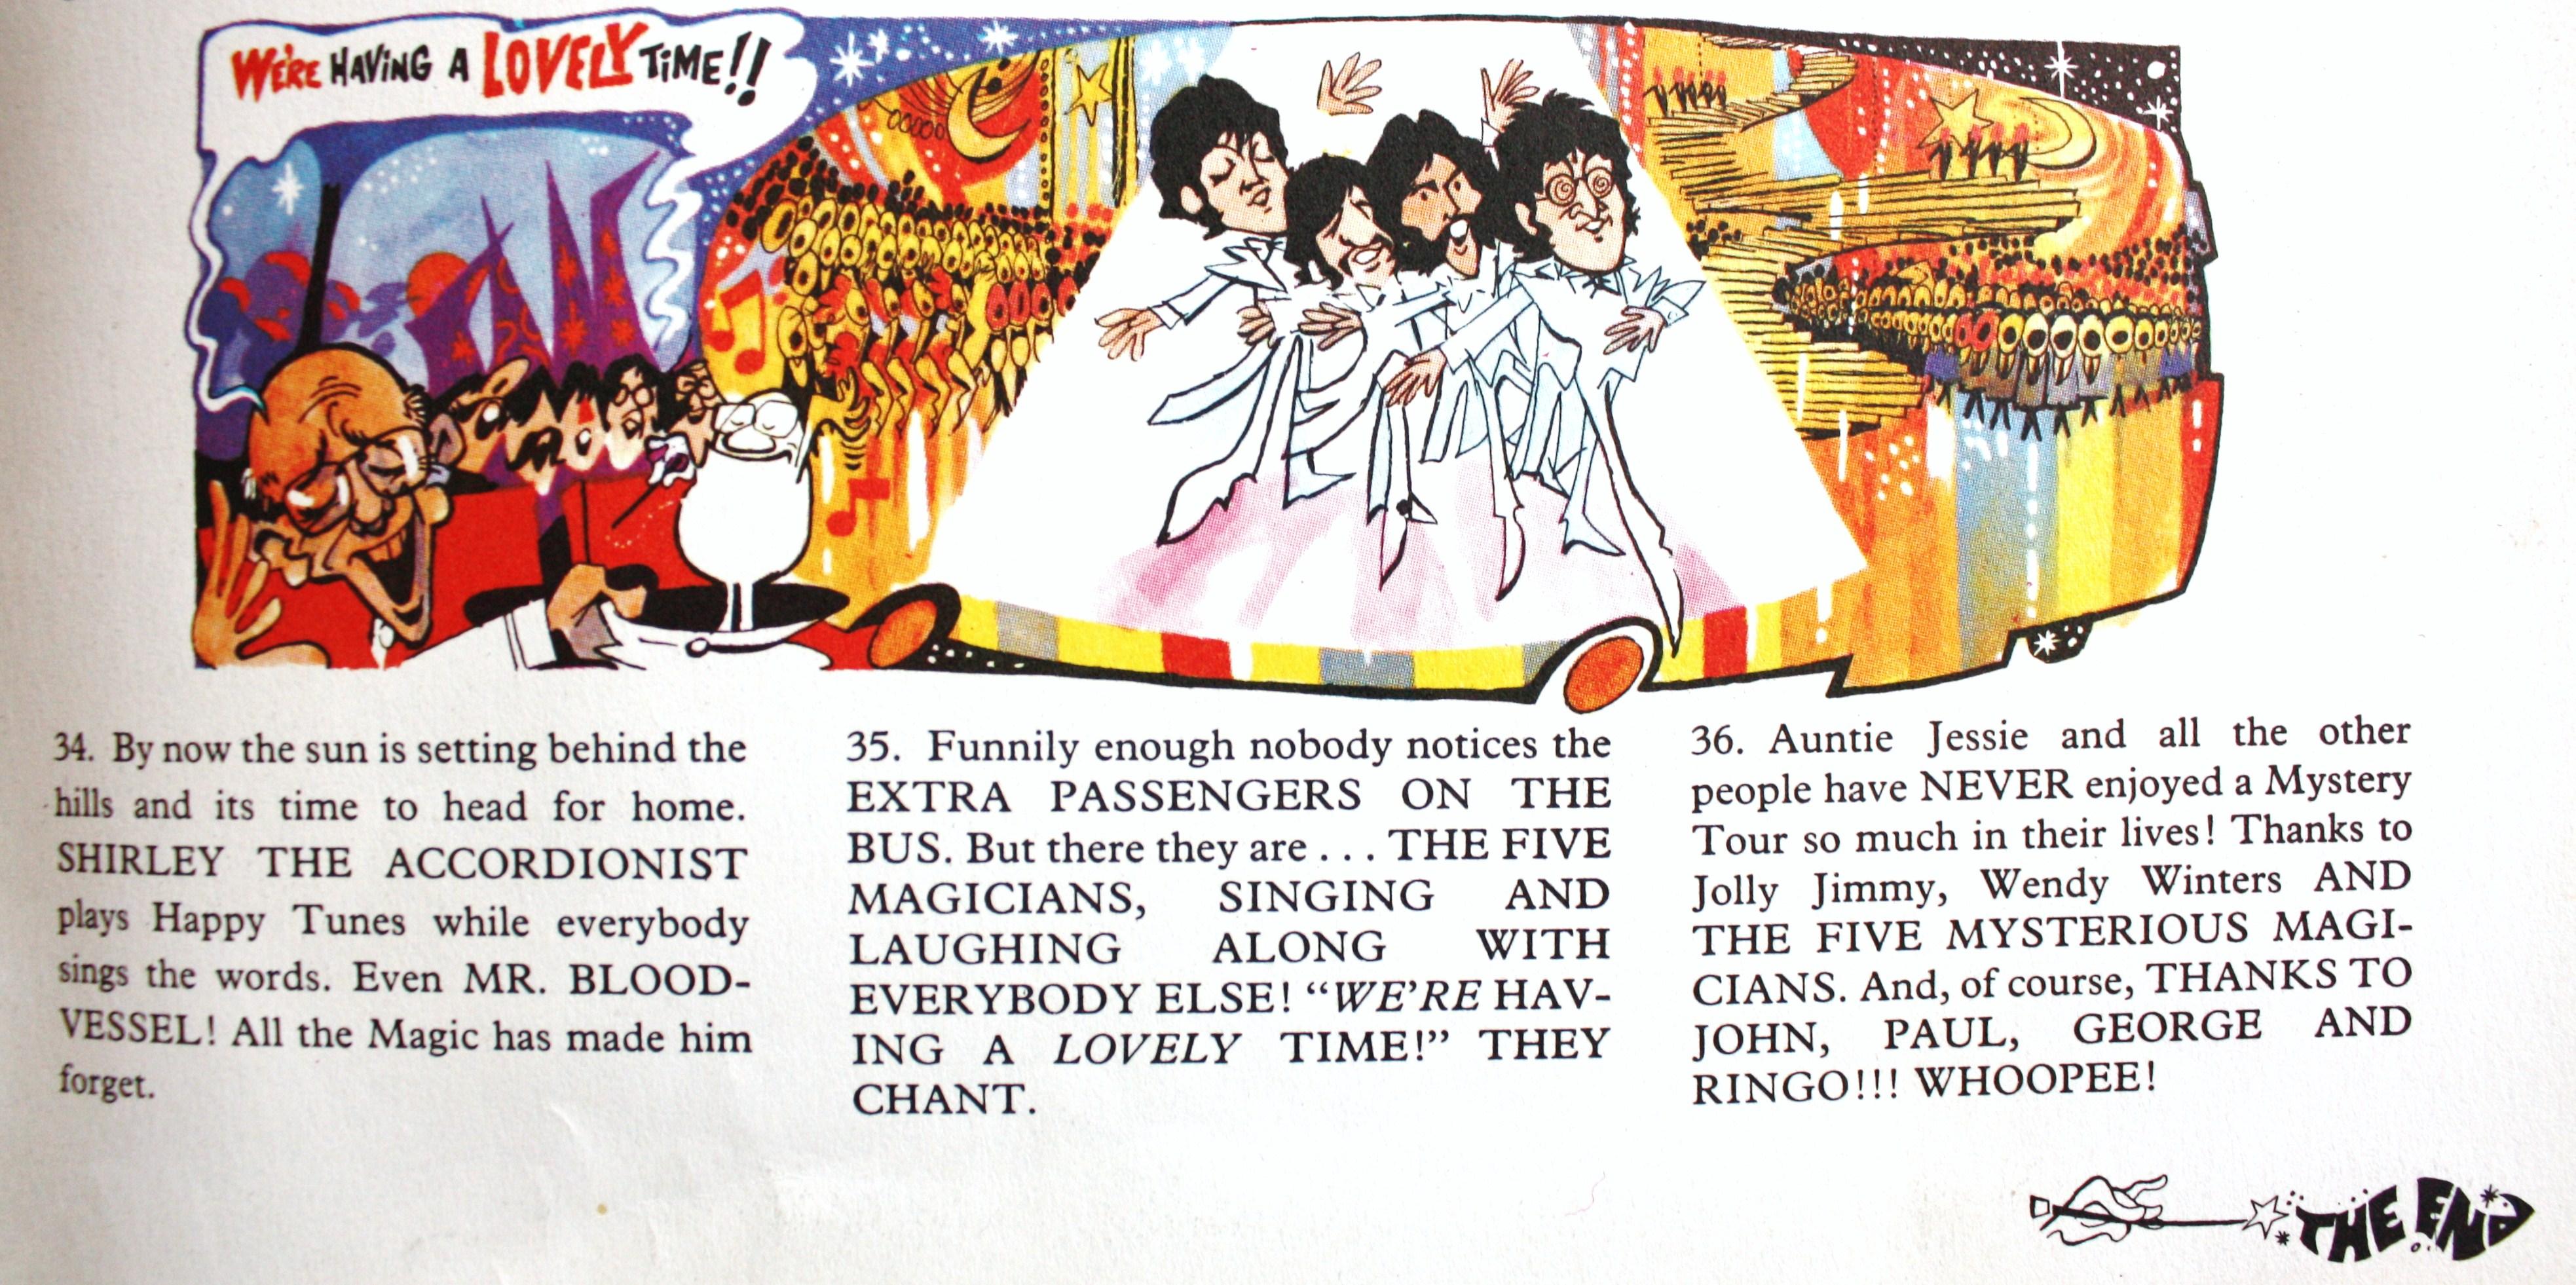 Mystery Tour Lyrics